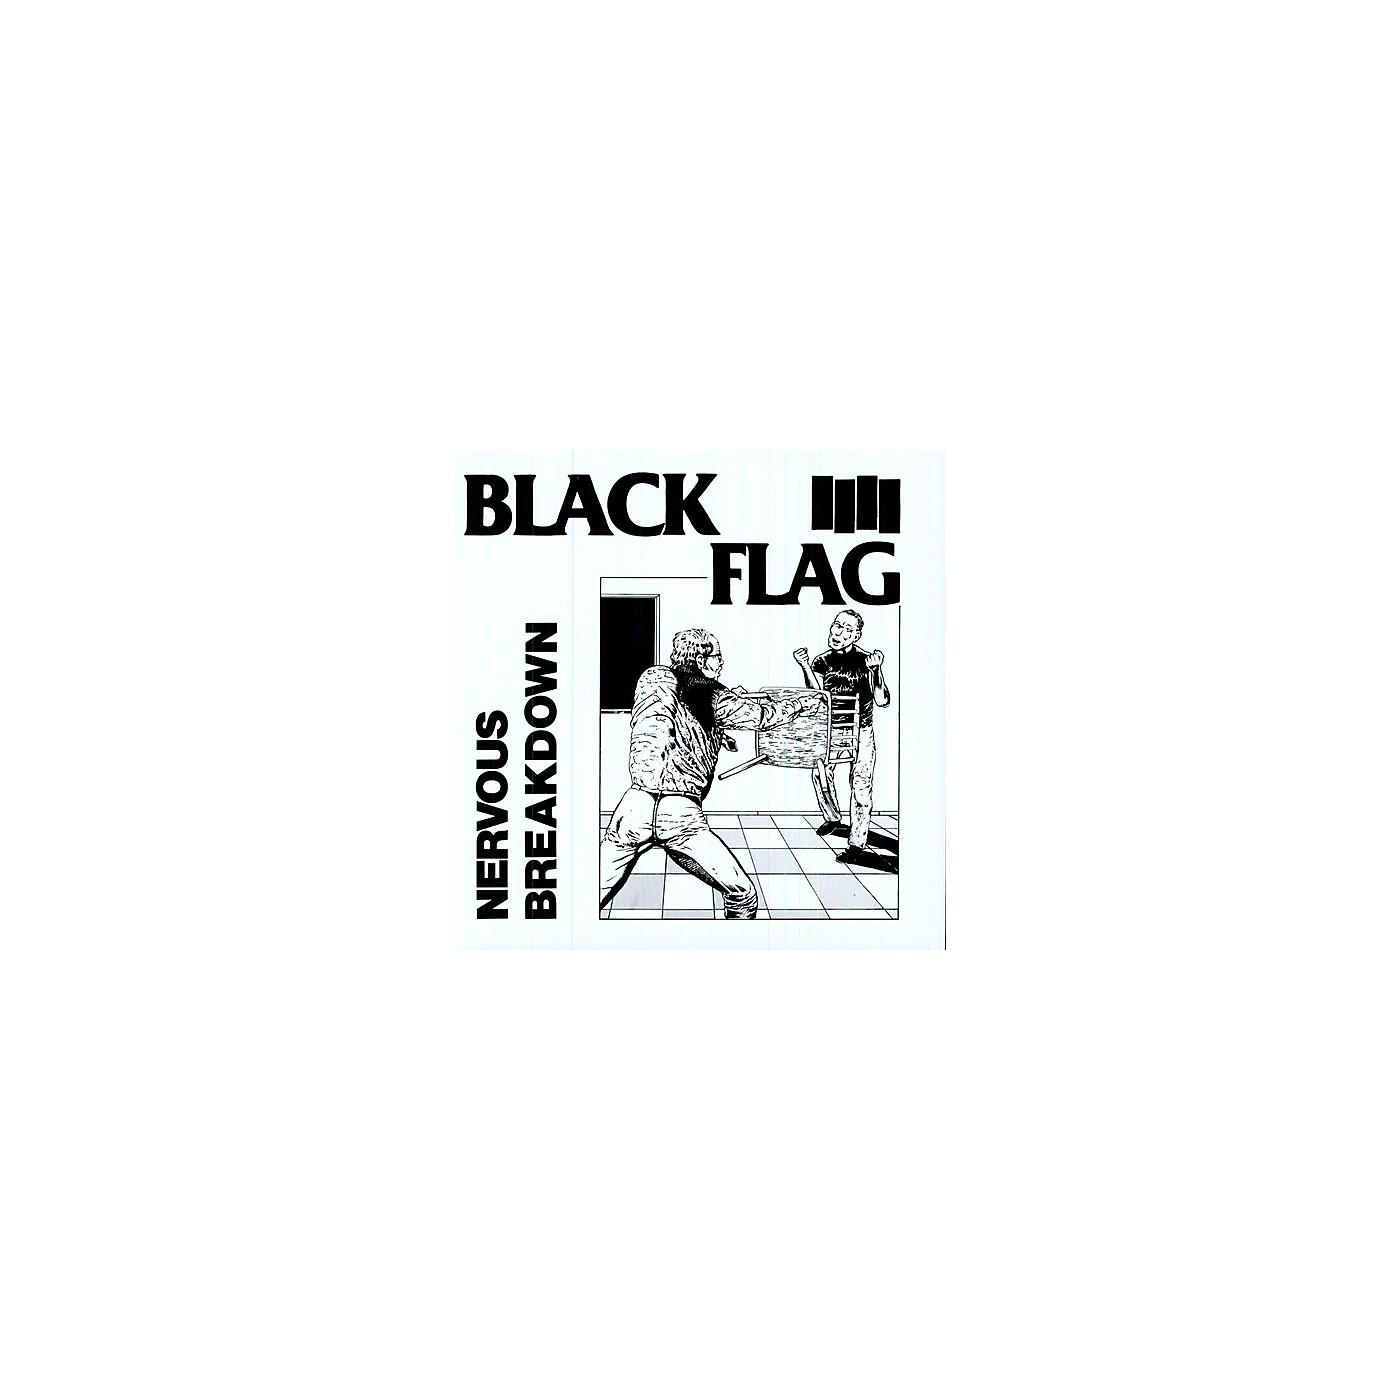 Alliance Black Flag - Nervous Breakdown (10